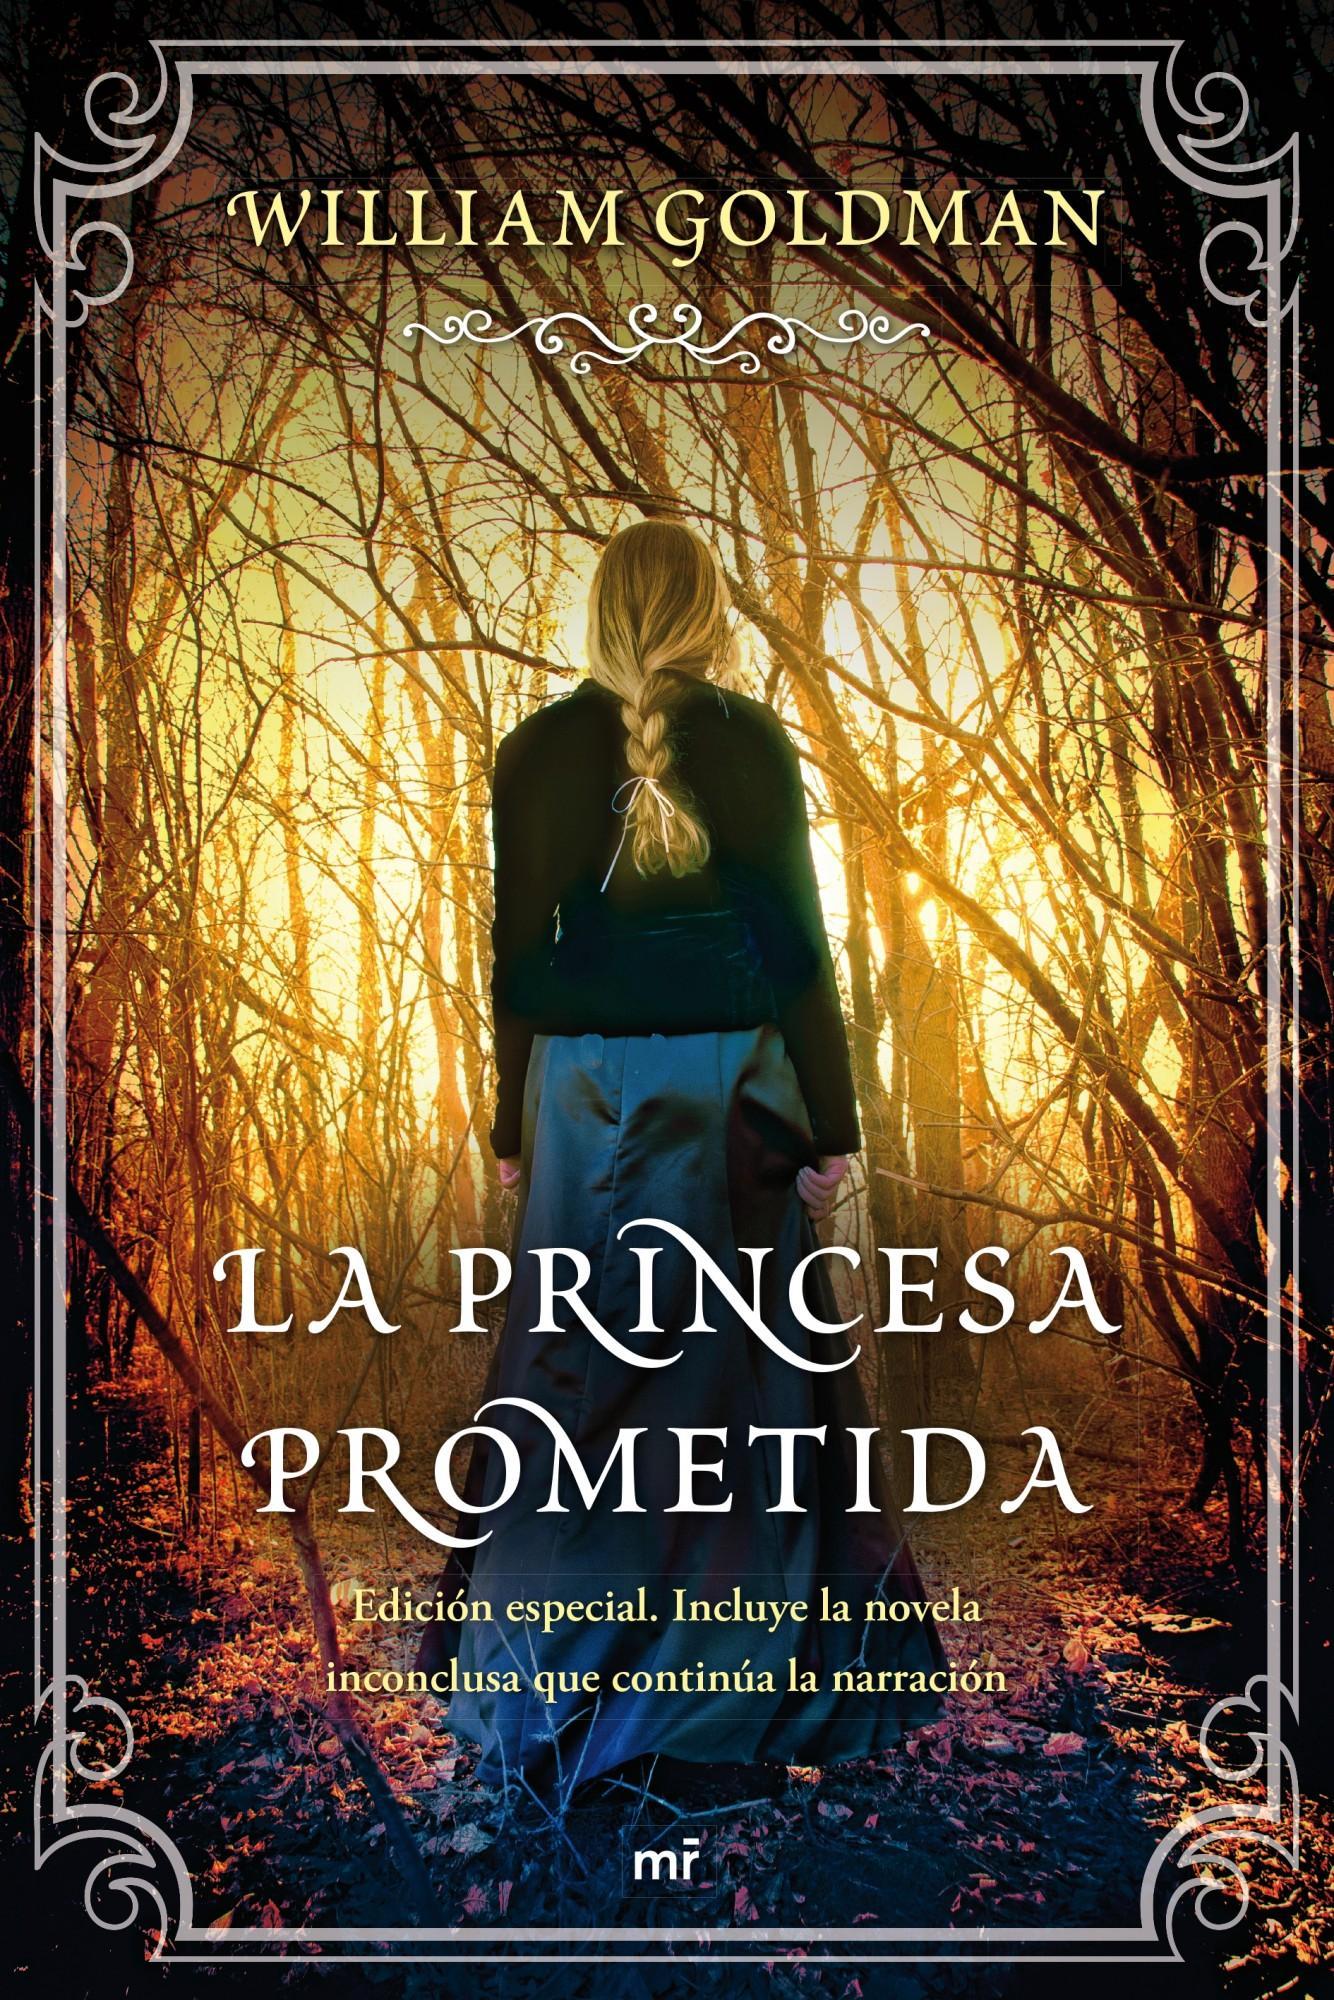 62. La princesa prometida